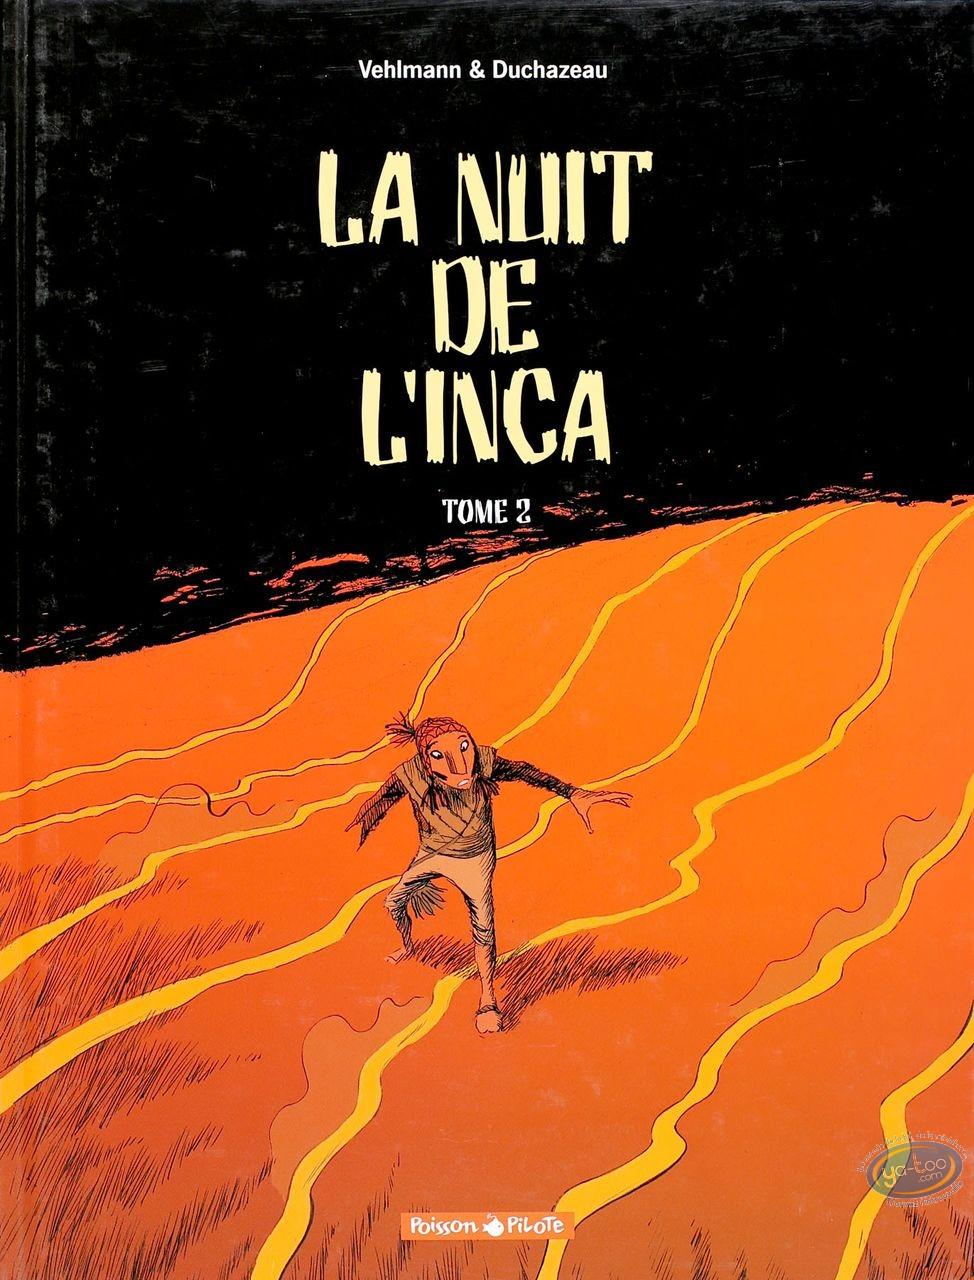 Listed European Comic Books, Nuit de l'Inca (La) : La Nuit de l'Inca